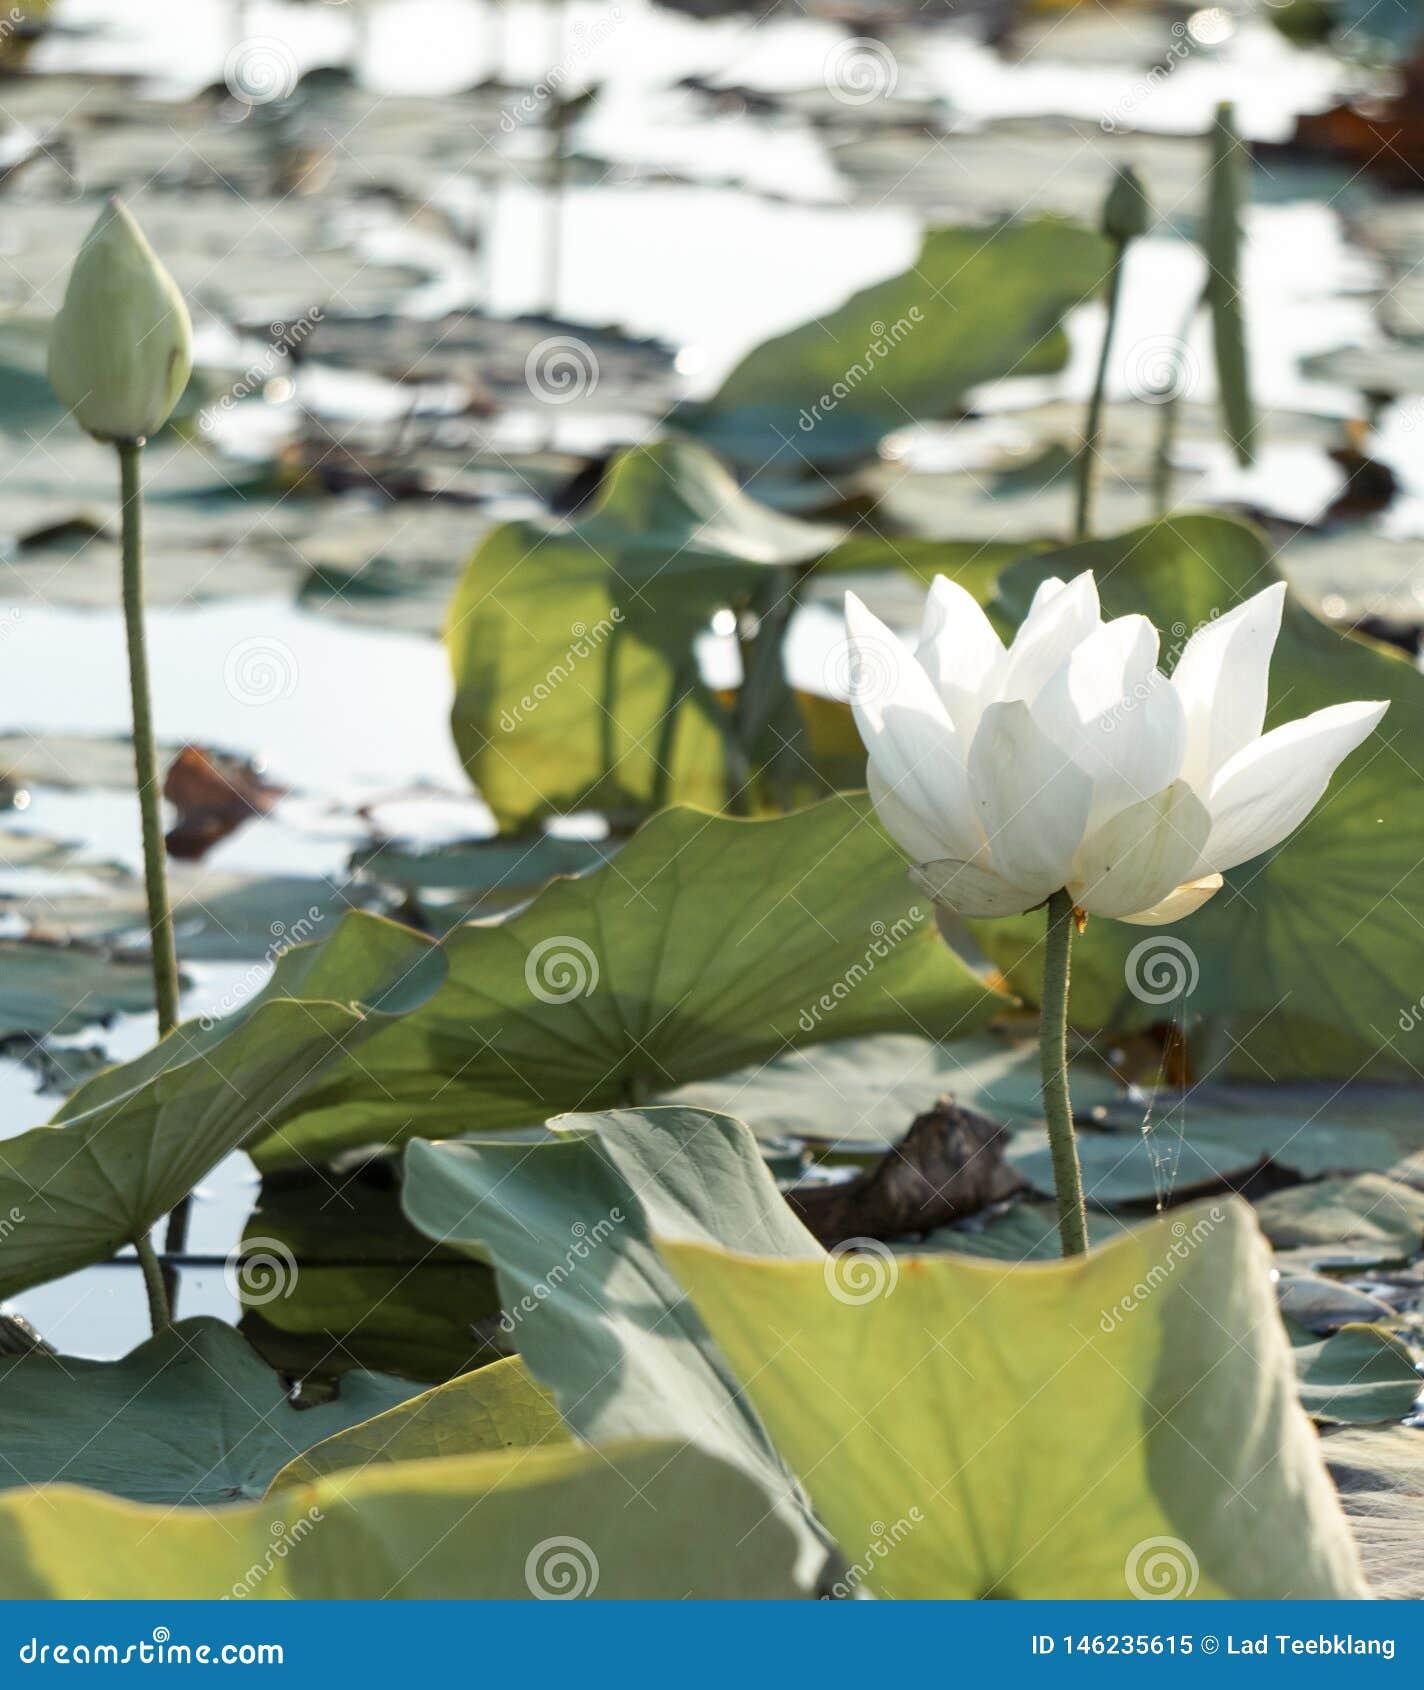 White lotus at Thale noi lake Phatthalung Thailand.